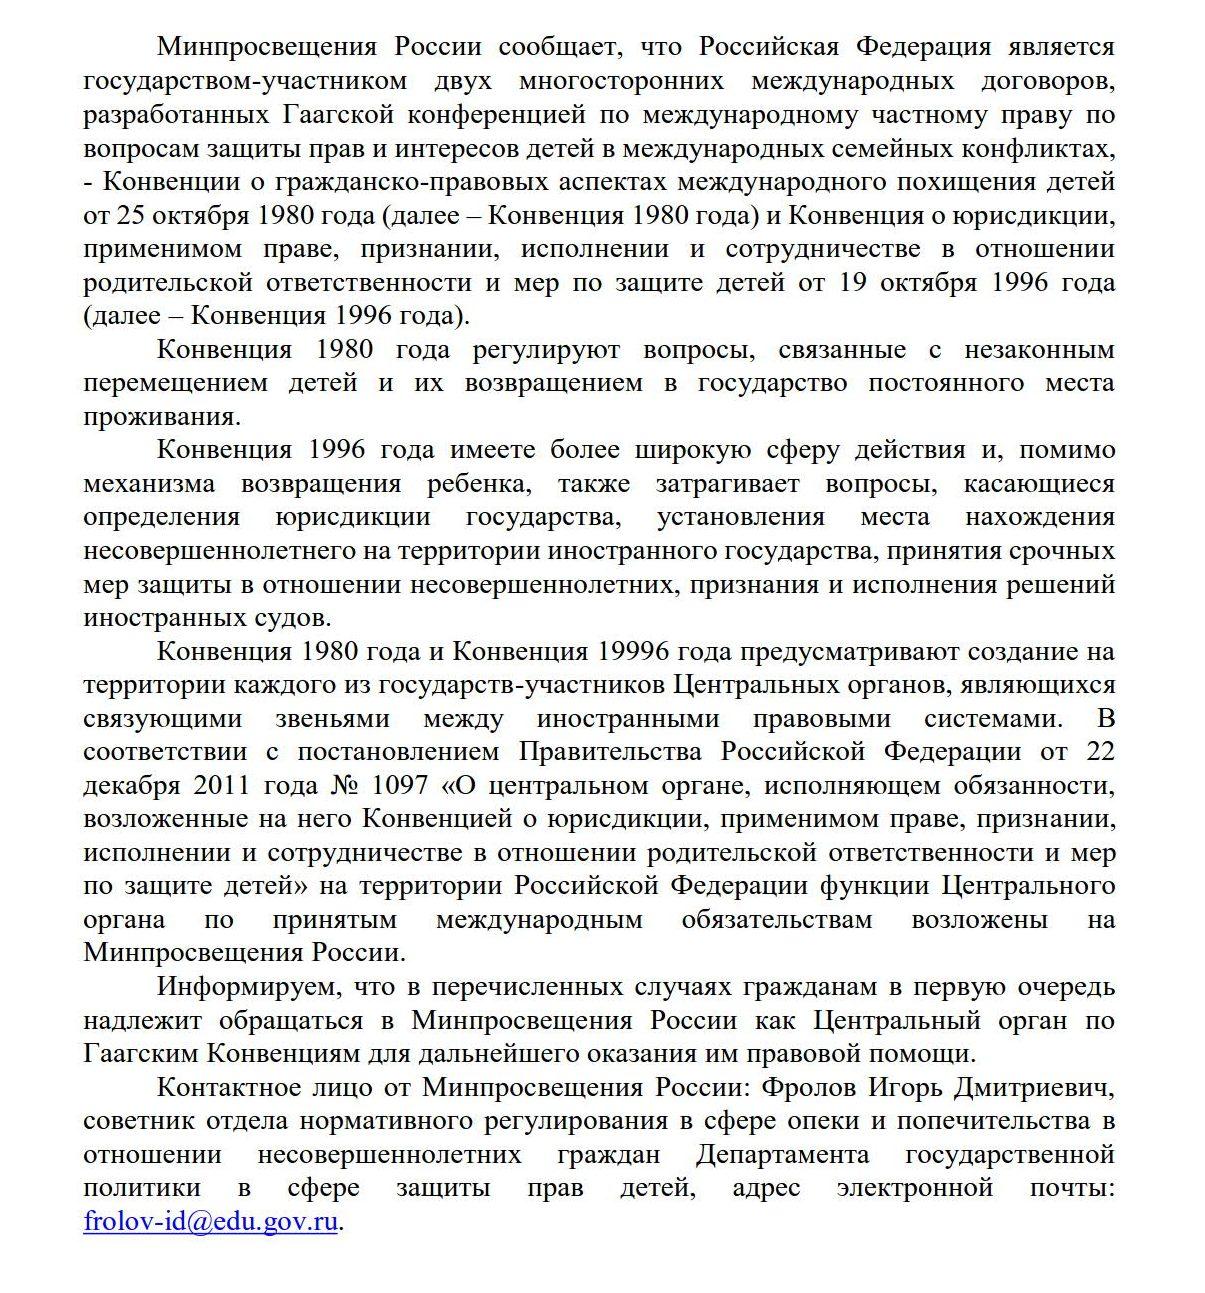 Информация Минпросвещения России_1